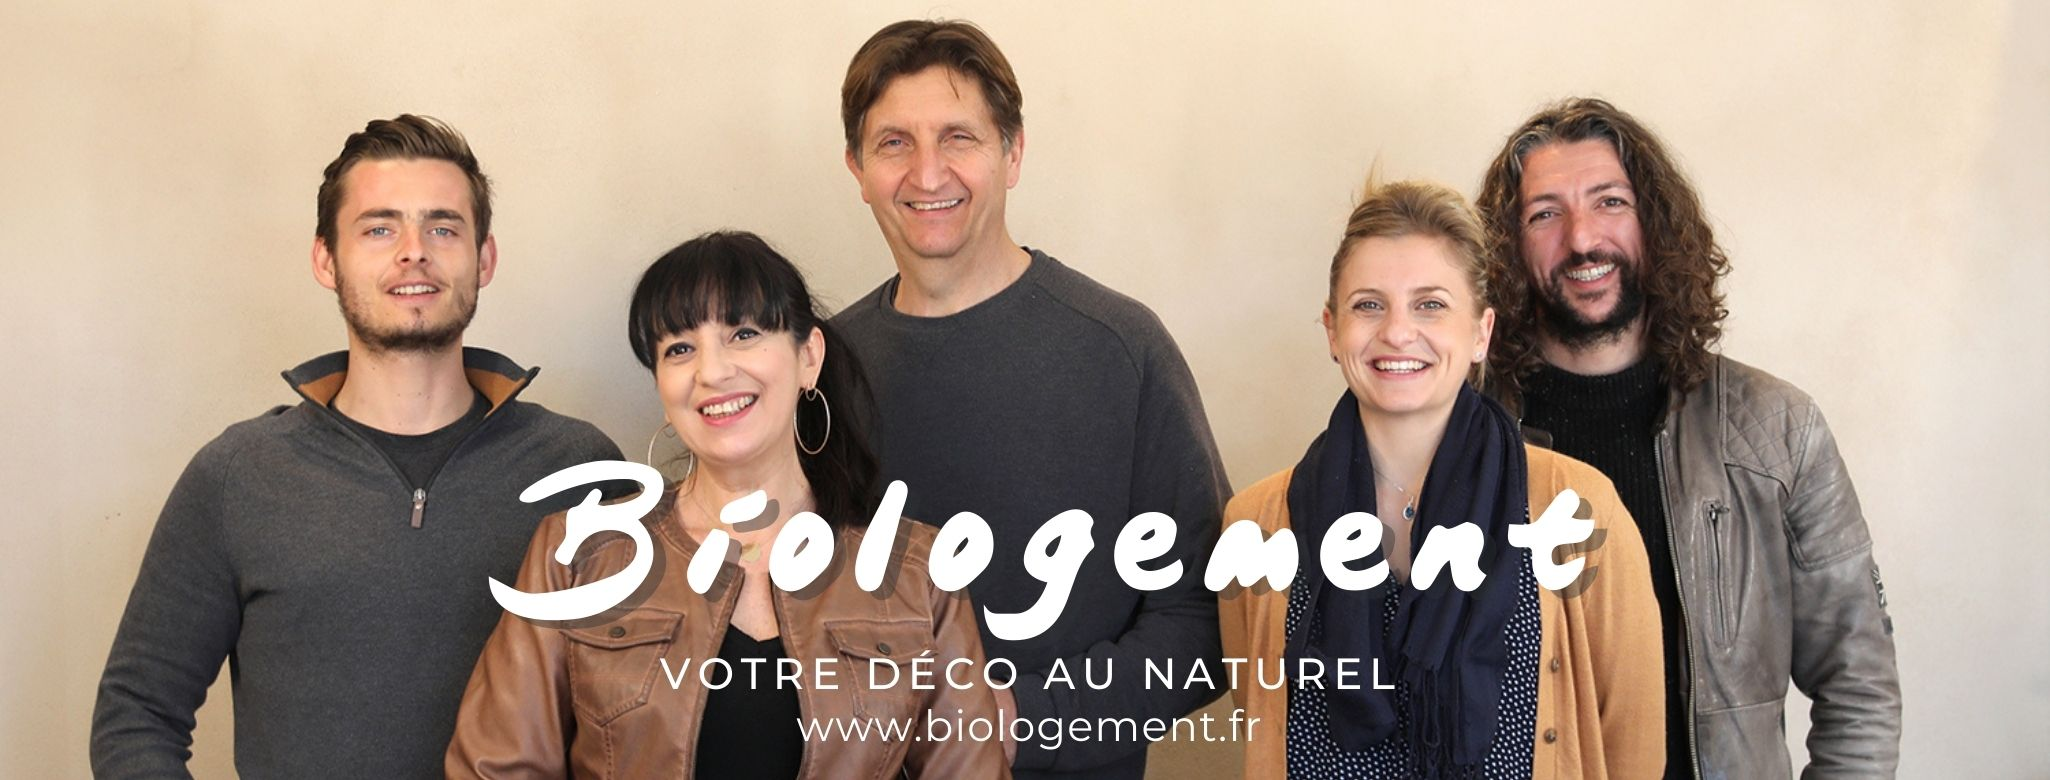 Magasin biologement